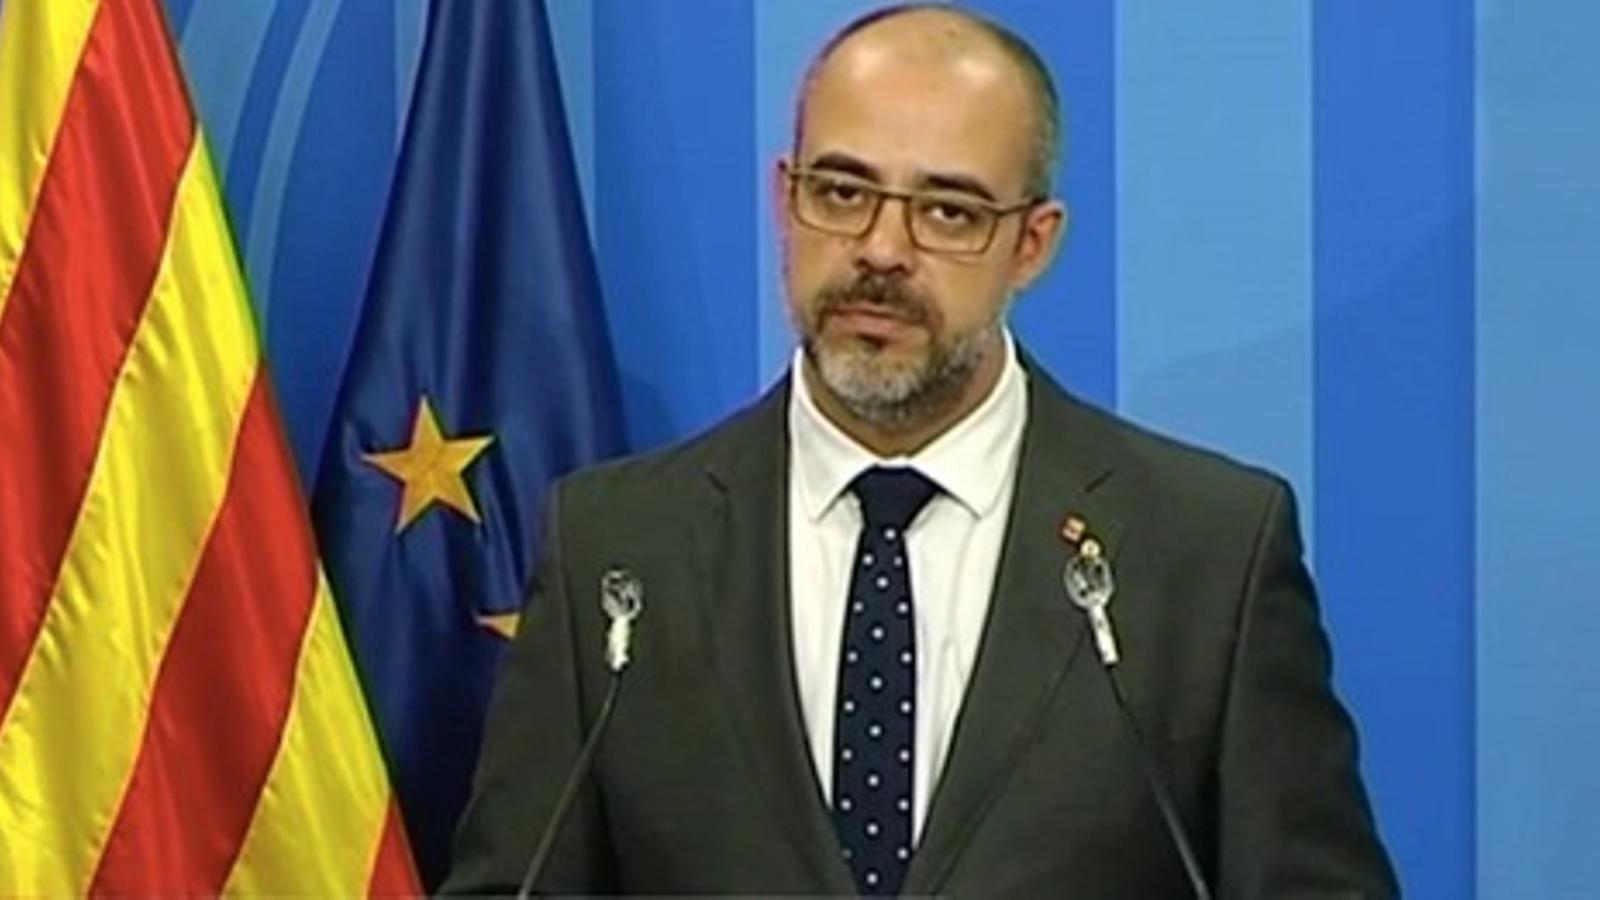 La Generalitat demana permetre manifestacions estàtiques